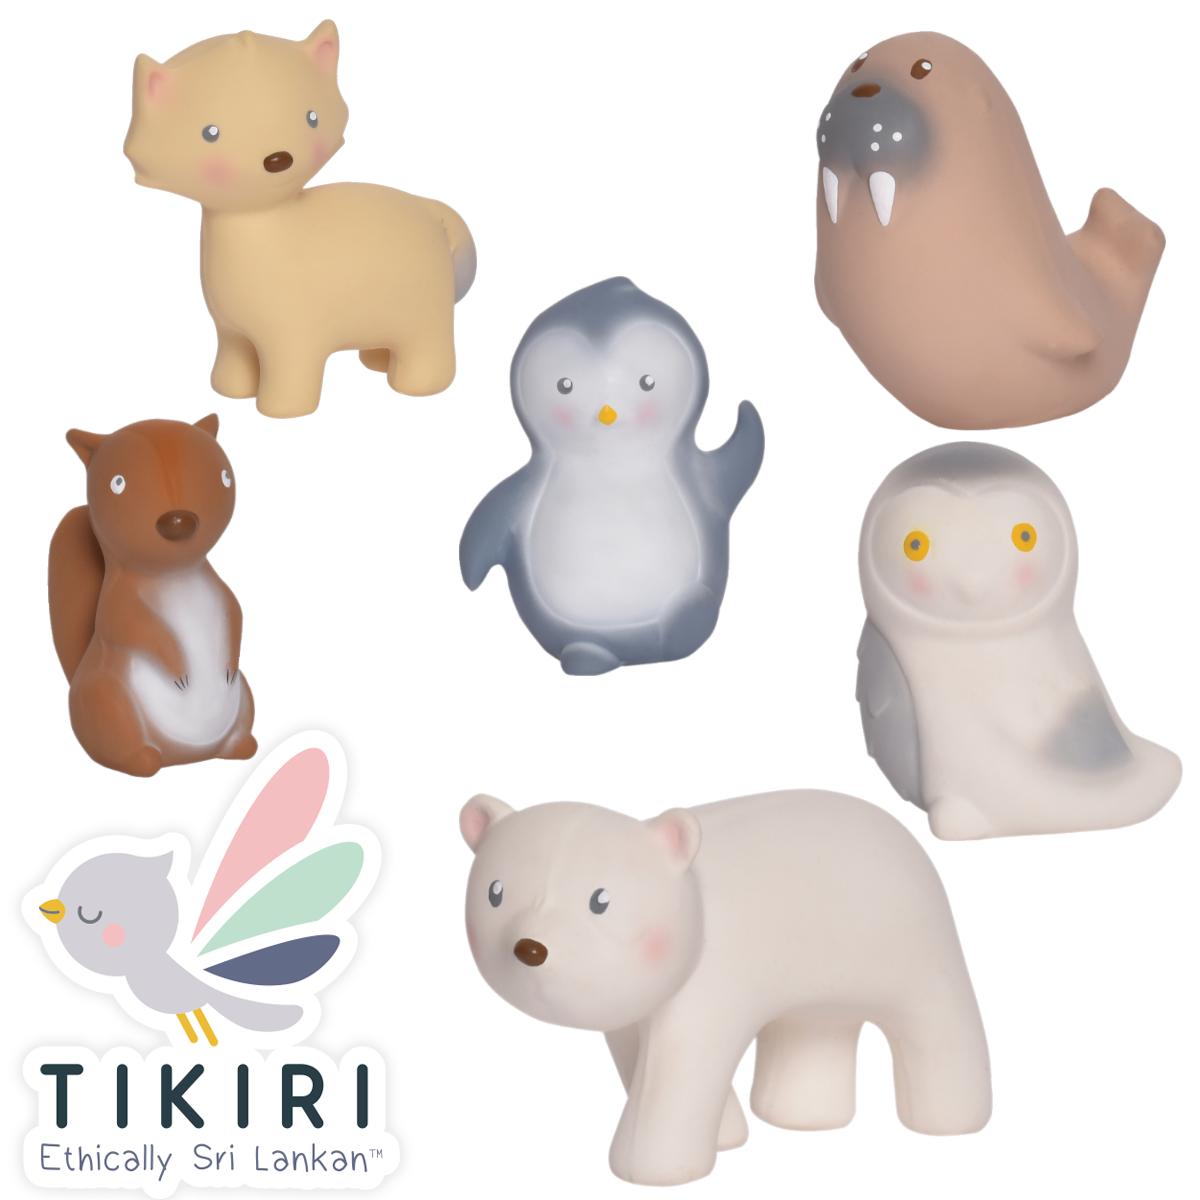 Mon Premier Animal Artique - Jouet de bain Tikiri